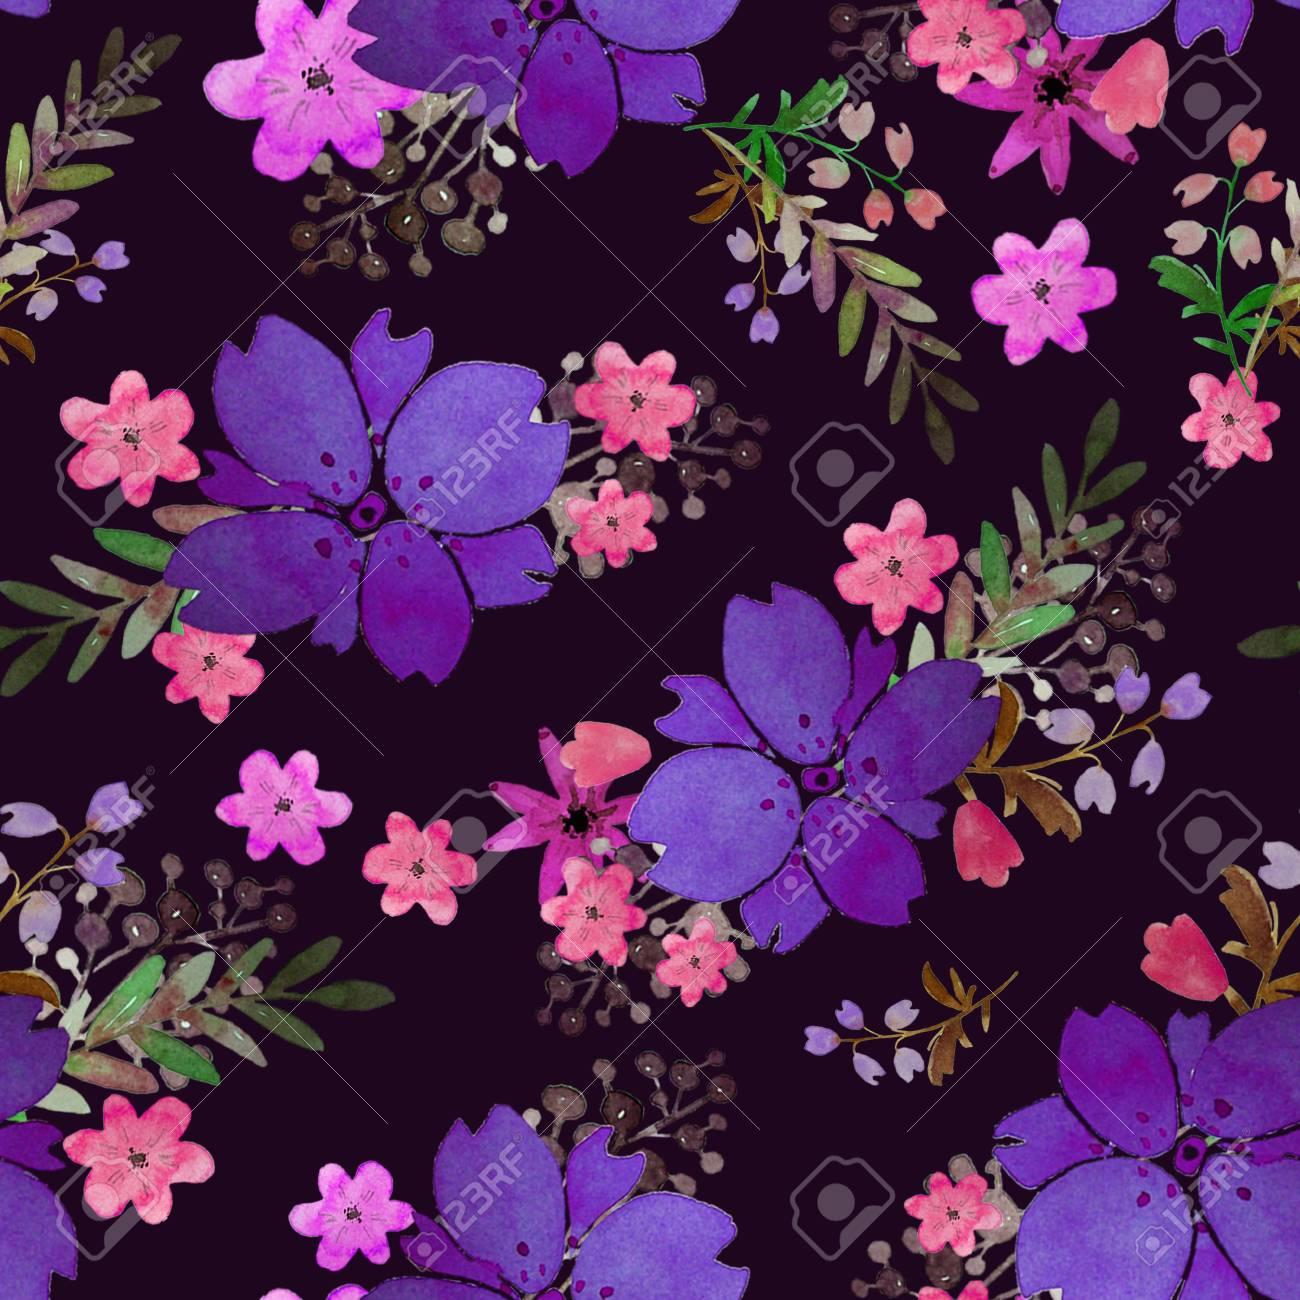 Romántico Floral De Patrones Sin Fisuras Con Flores Y Hojas Imprimir Para Fondo De Pantalla Textil Sin Fin Elementos De Acuarela Dibujados A Mano